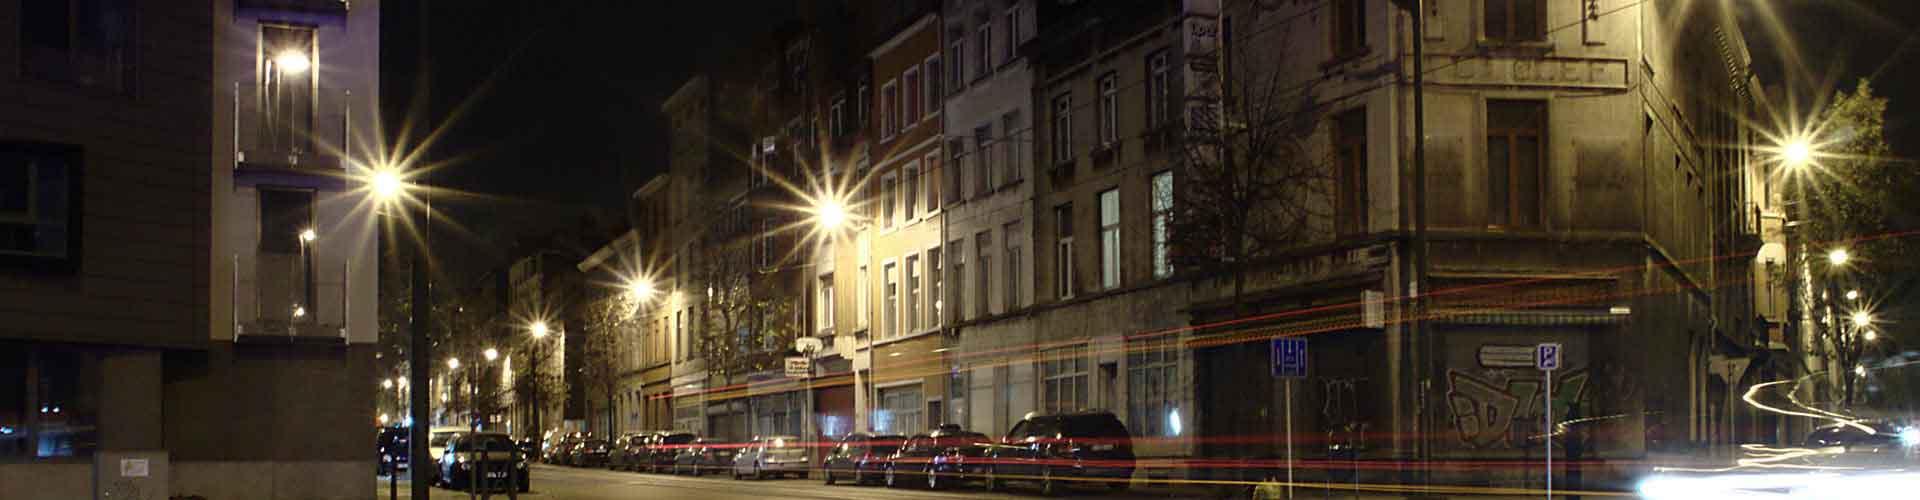 브뤼셀 - Molenbeek-Saint-Jean지역에 위치한 호텔. 브뤼셀의 지도, 브뤼셀에 위치한 호텔에 대한 사진 및 리뷰.